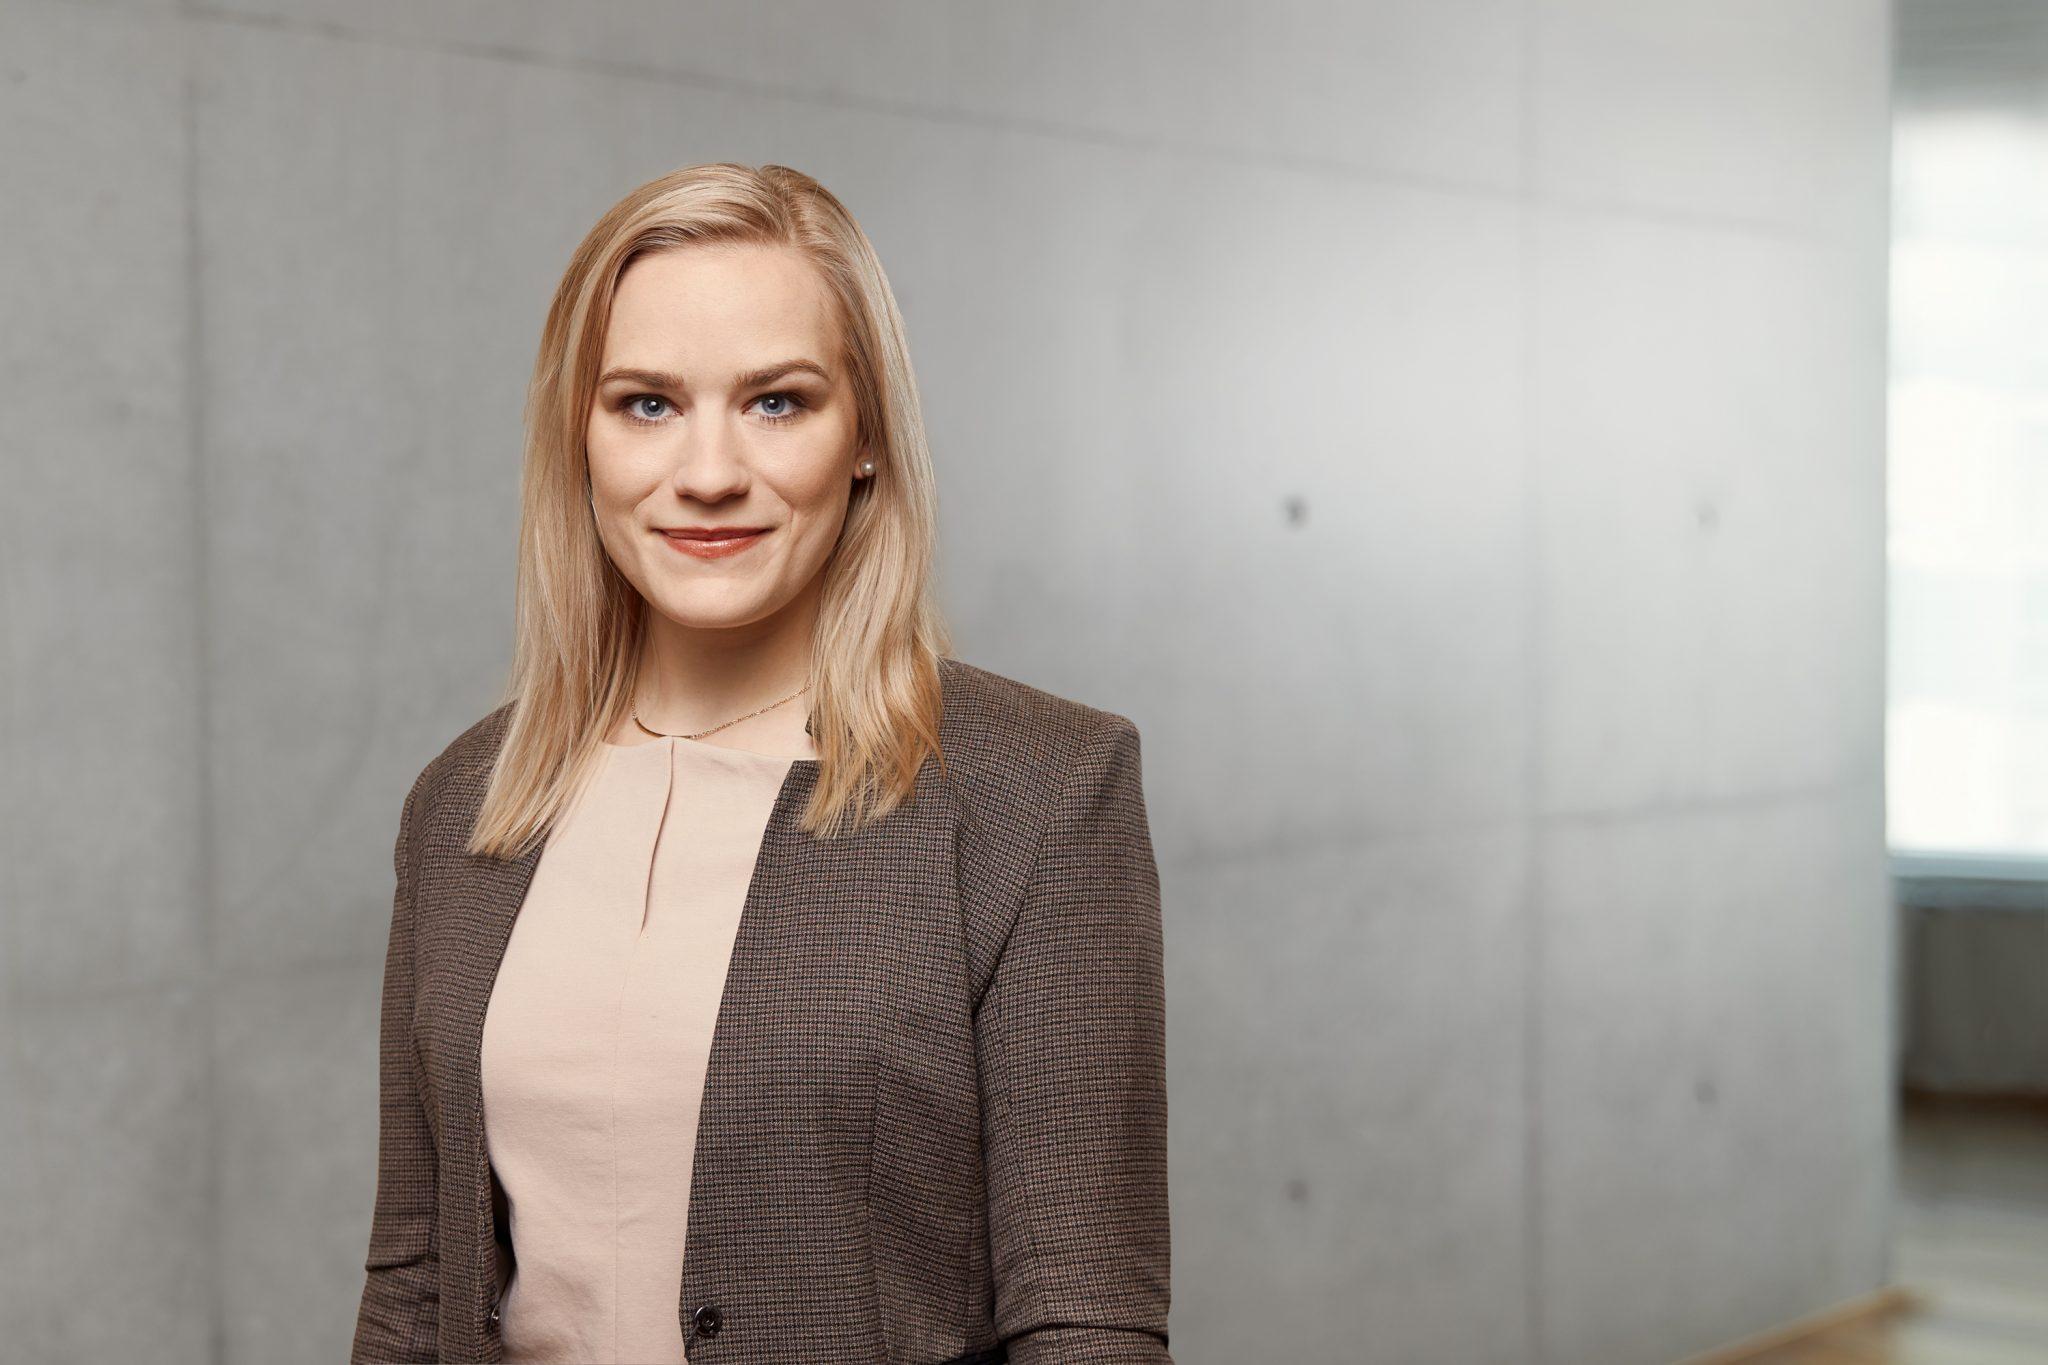 Lena Mjöll Markusardóttir